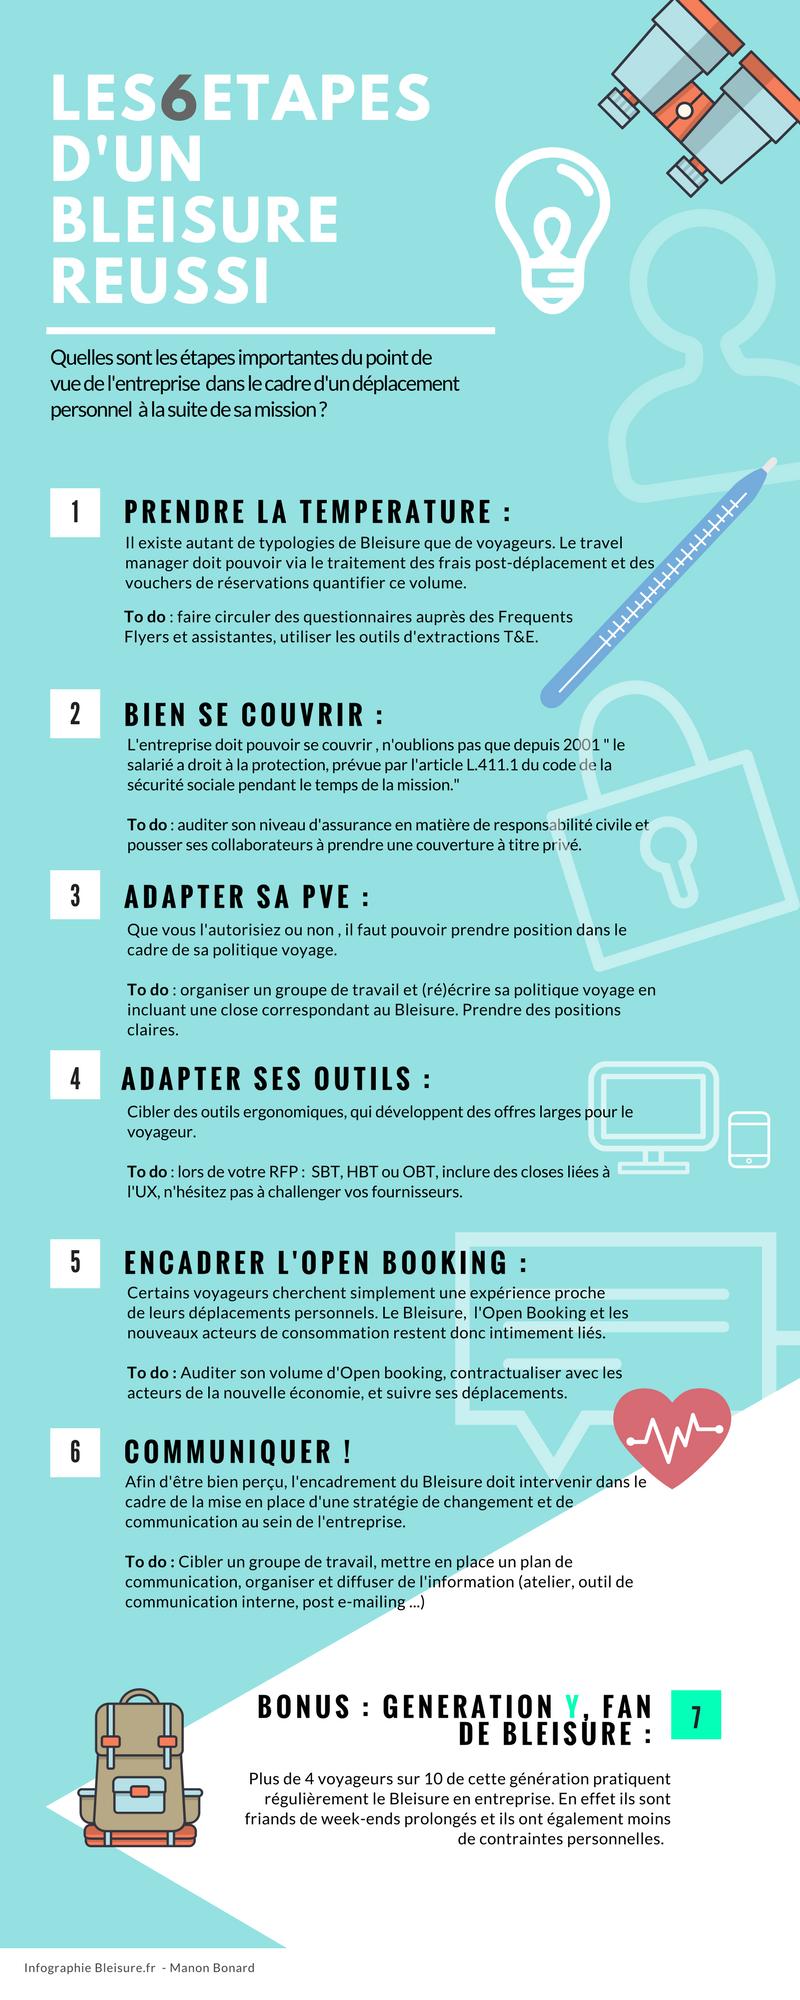 Infographie : Les 6 étapes d'un Bleisure réussi !